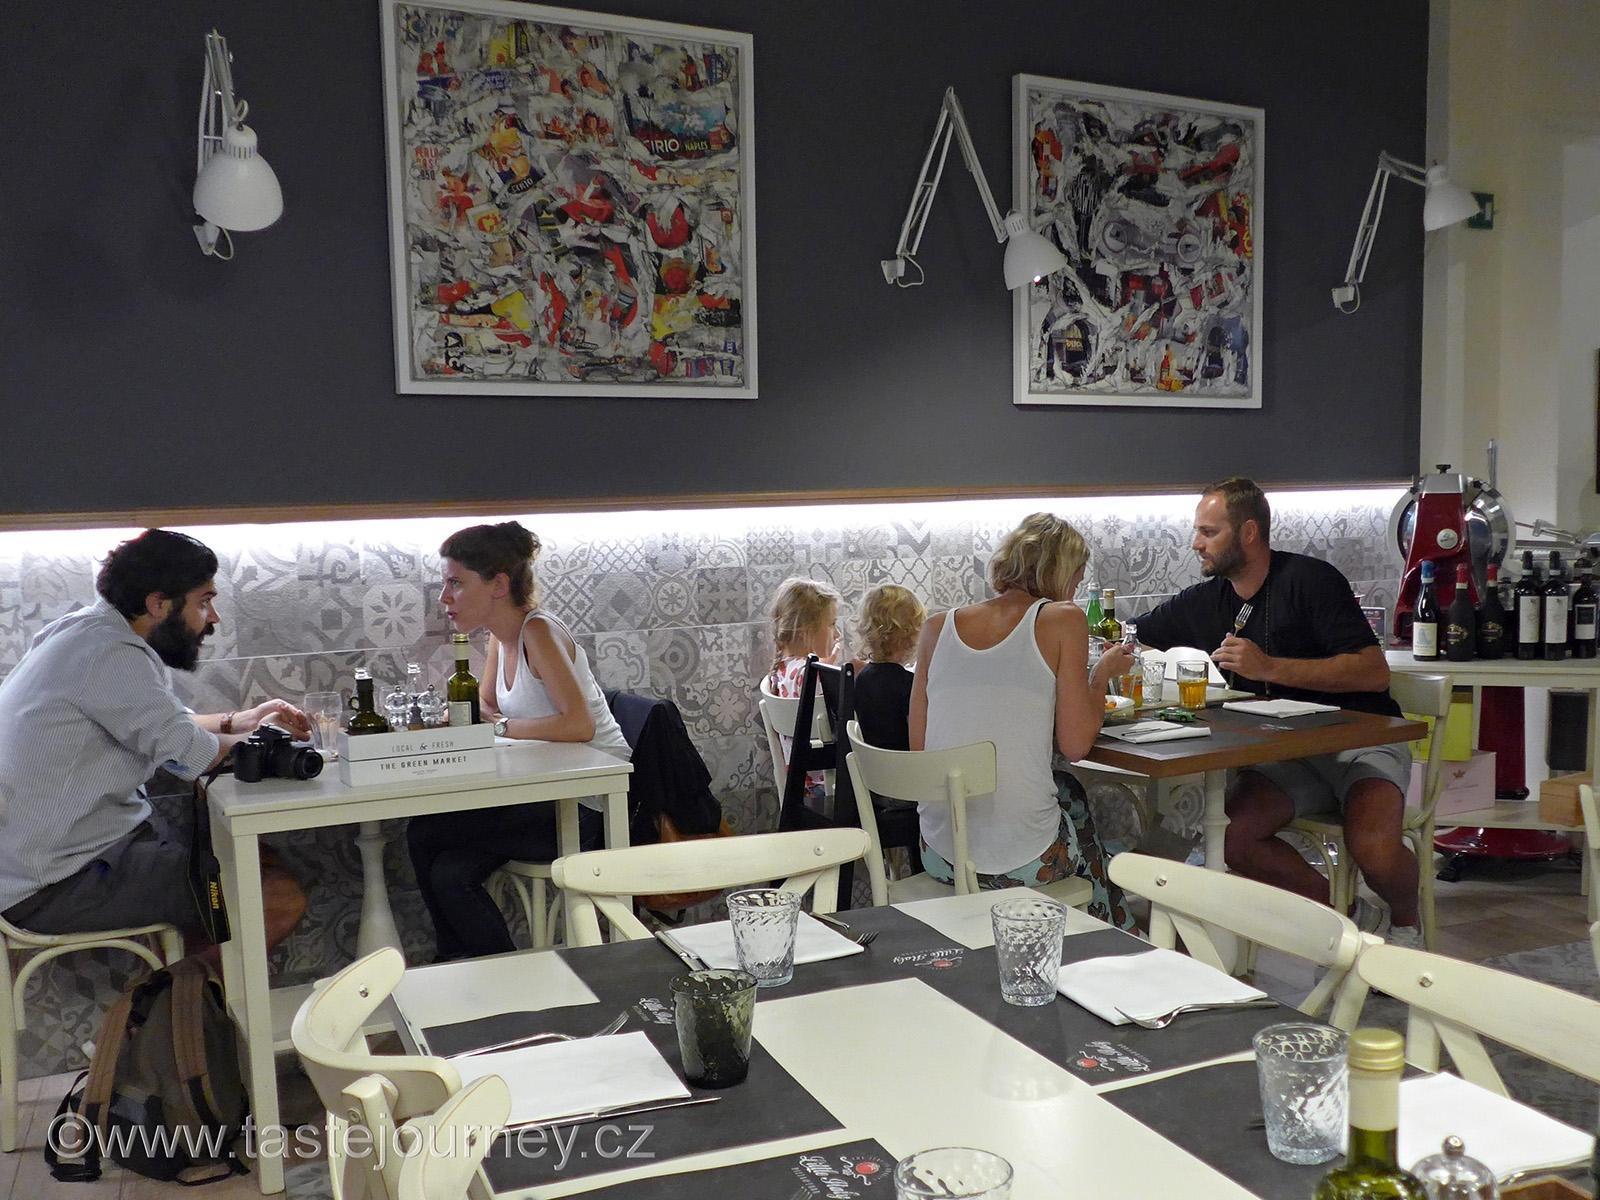 Typická pizzerie, ovšem i plná umění a pohody